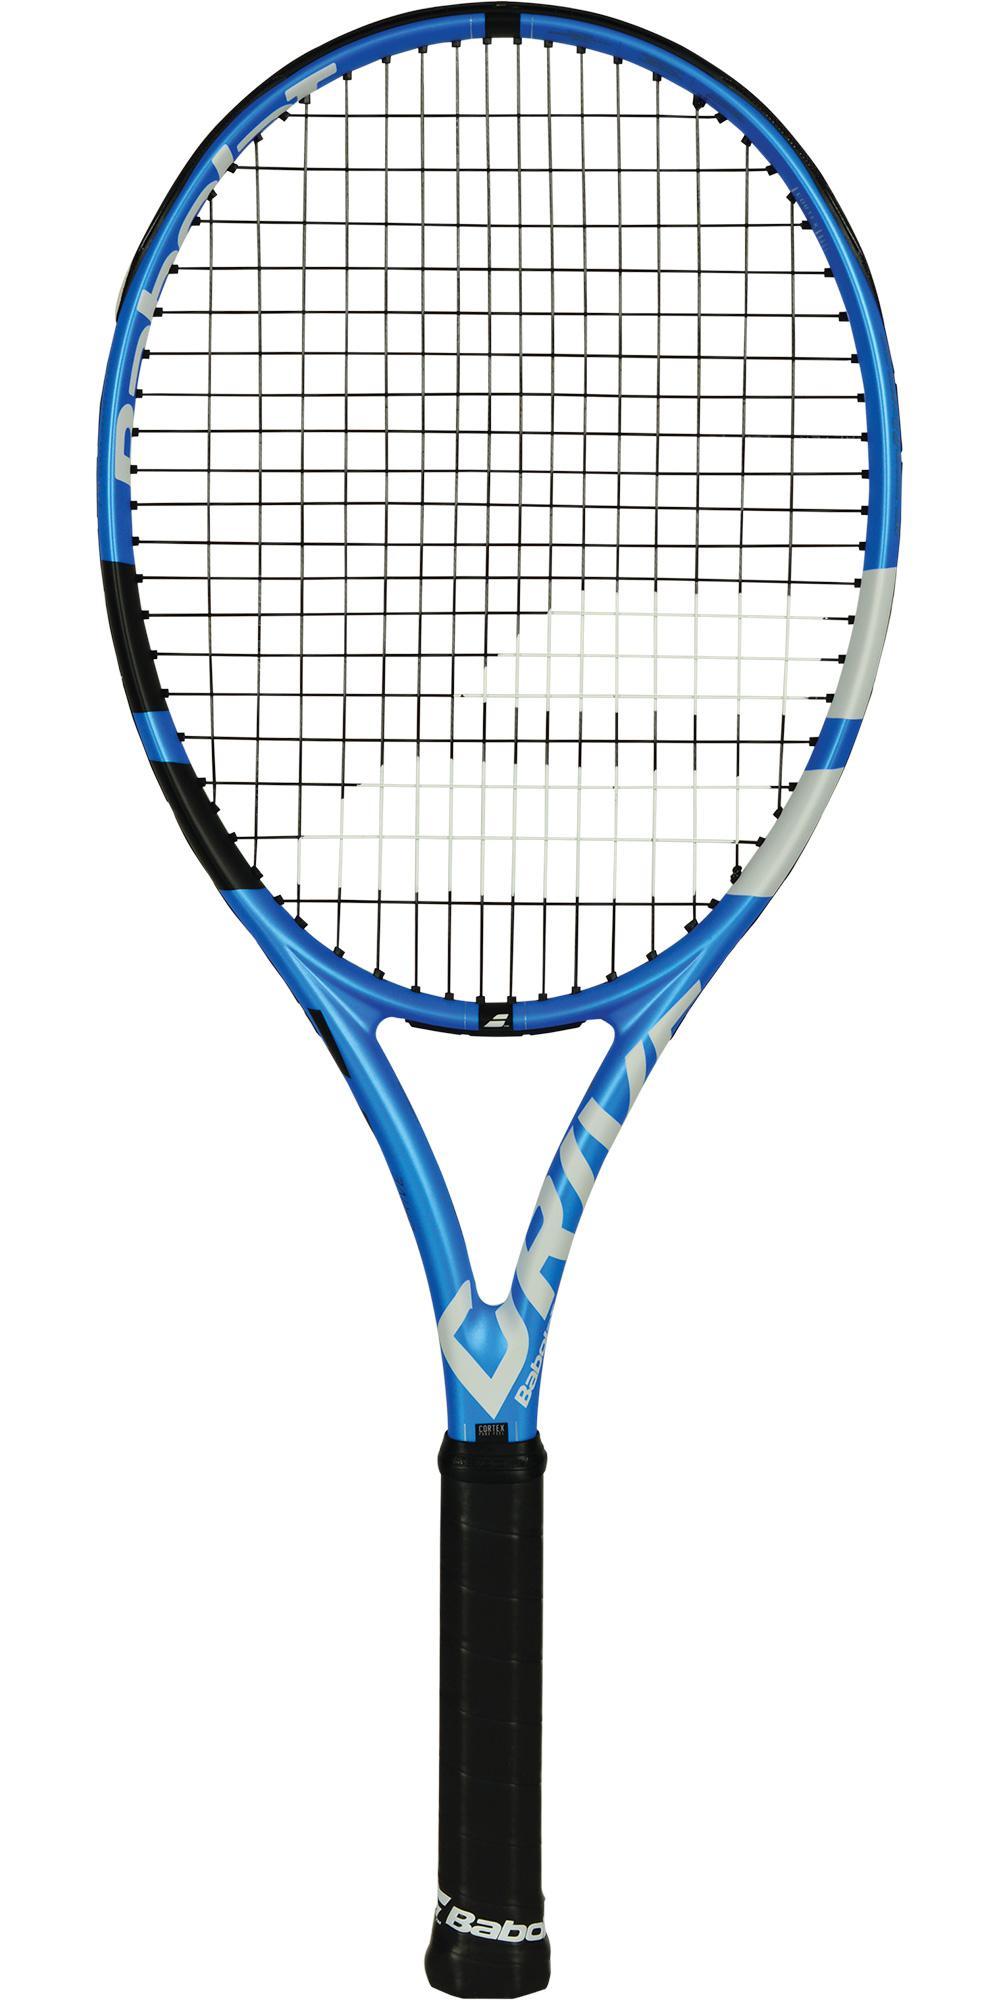 Babolat Pure Drive 107 Tennis Racket (2018) - Tennisnuts.com